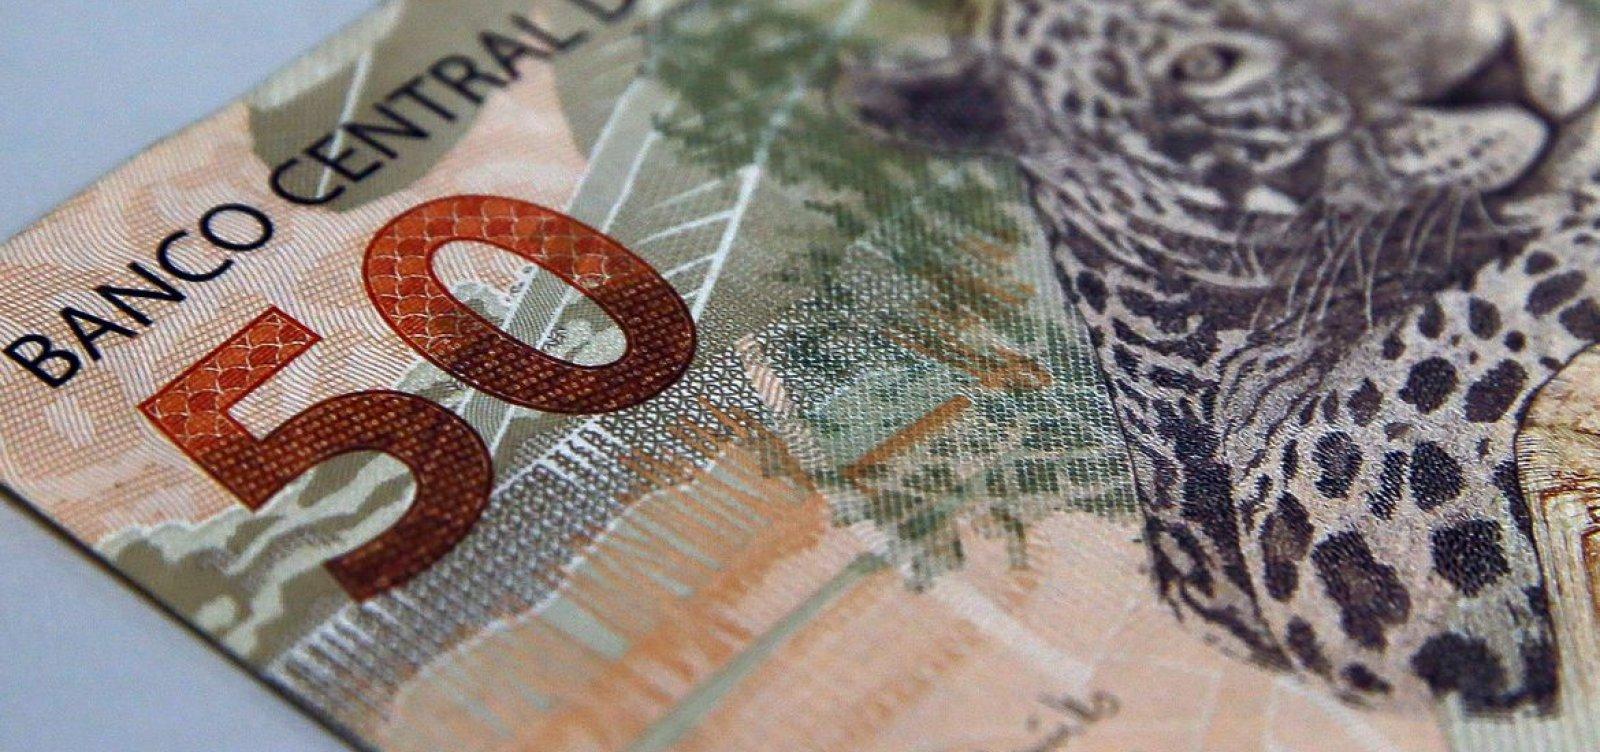 [Banco Central antecipa produção de R$ 9 bilhões em cédulas]